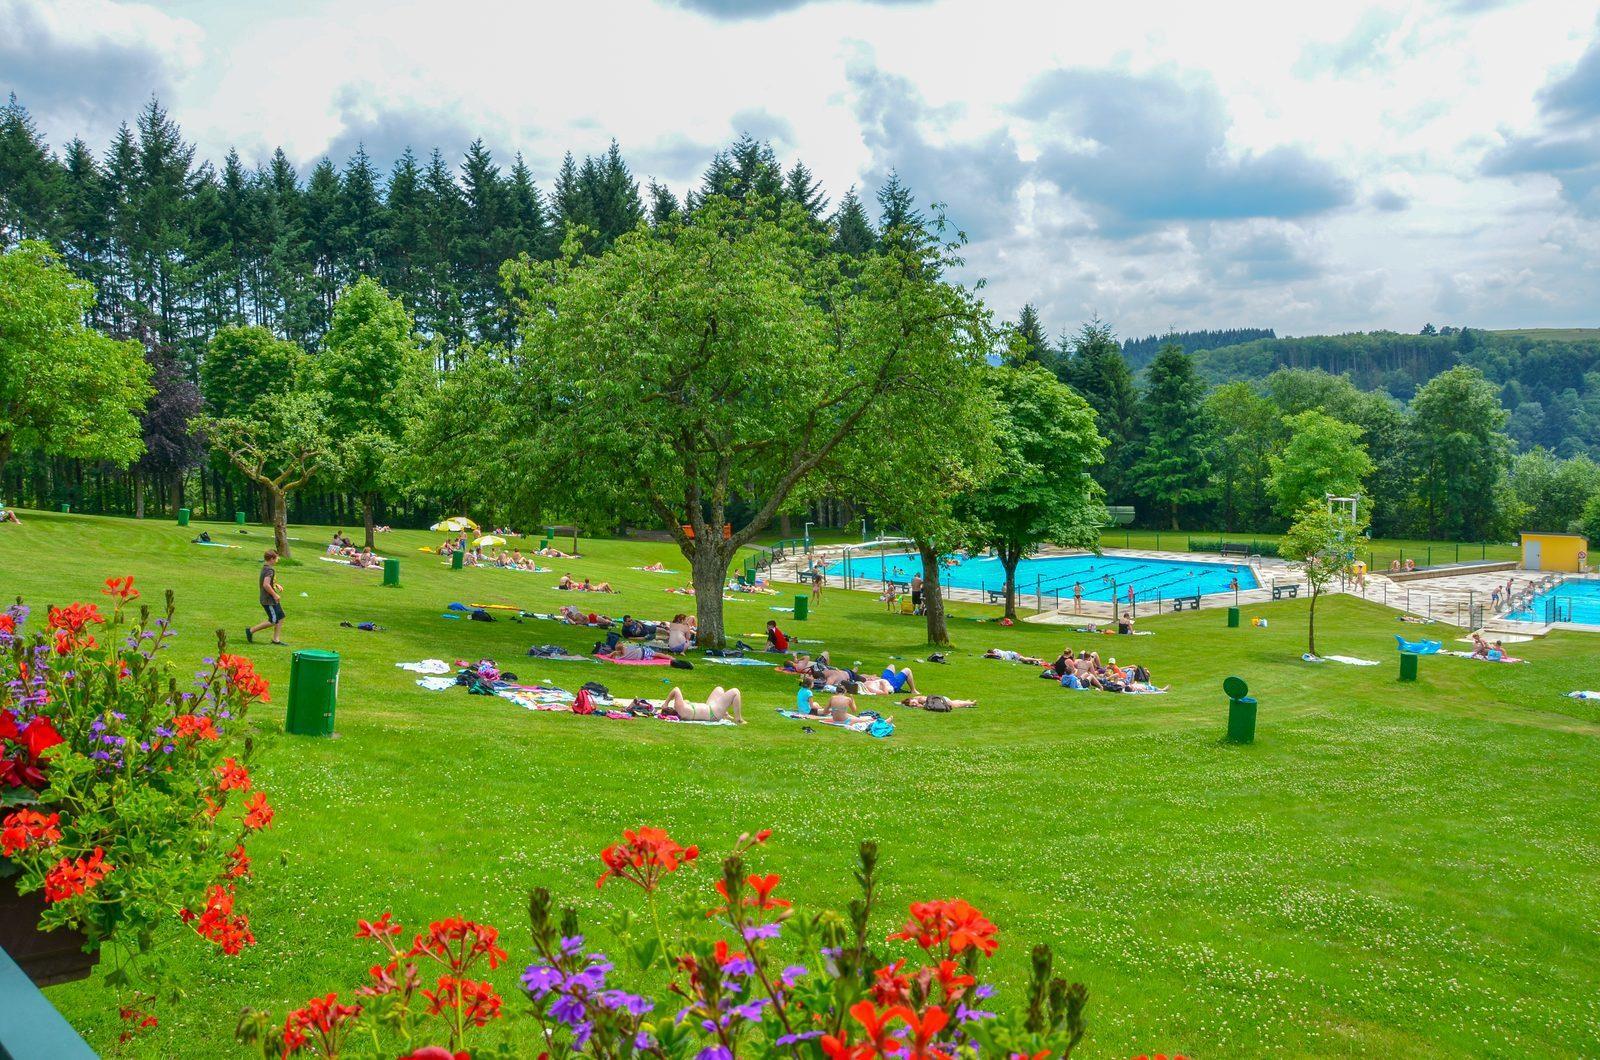 Zwembad van Vianden makkelijk te bereiken vanaf vakantiepark Walsdorf